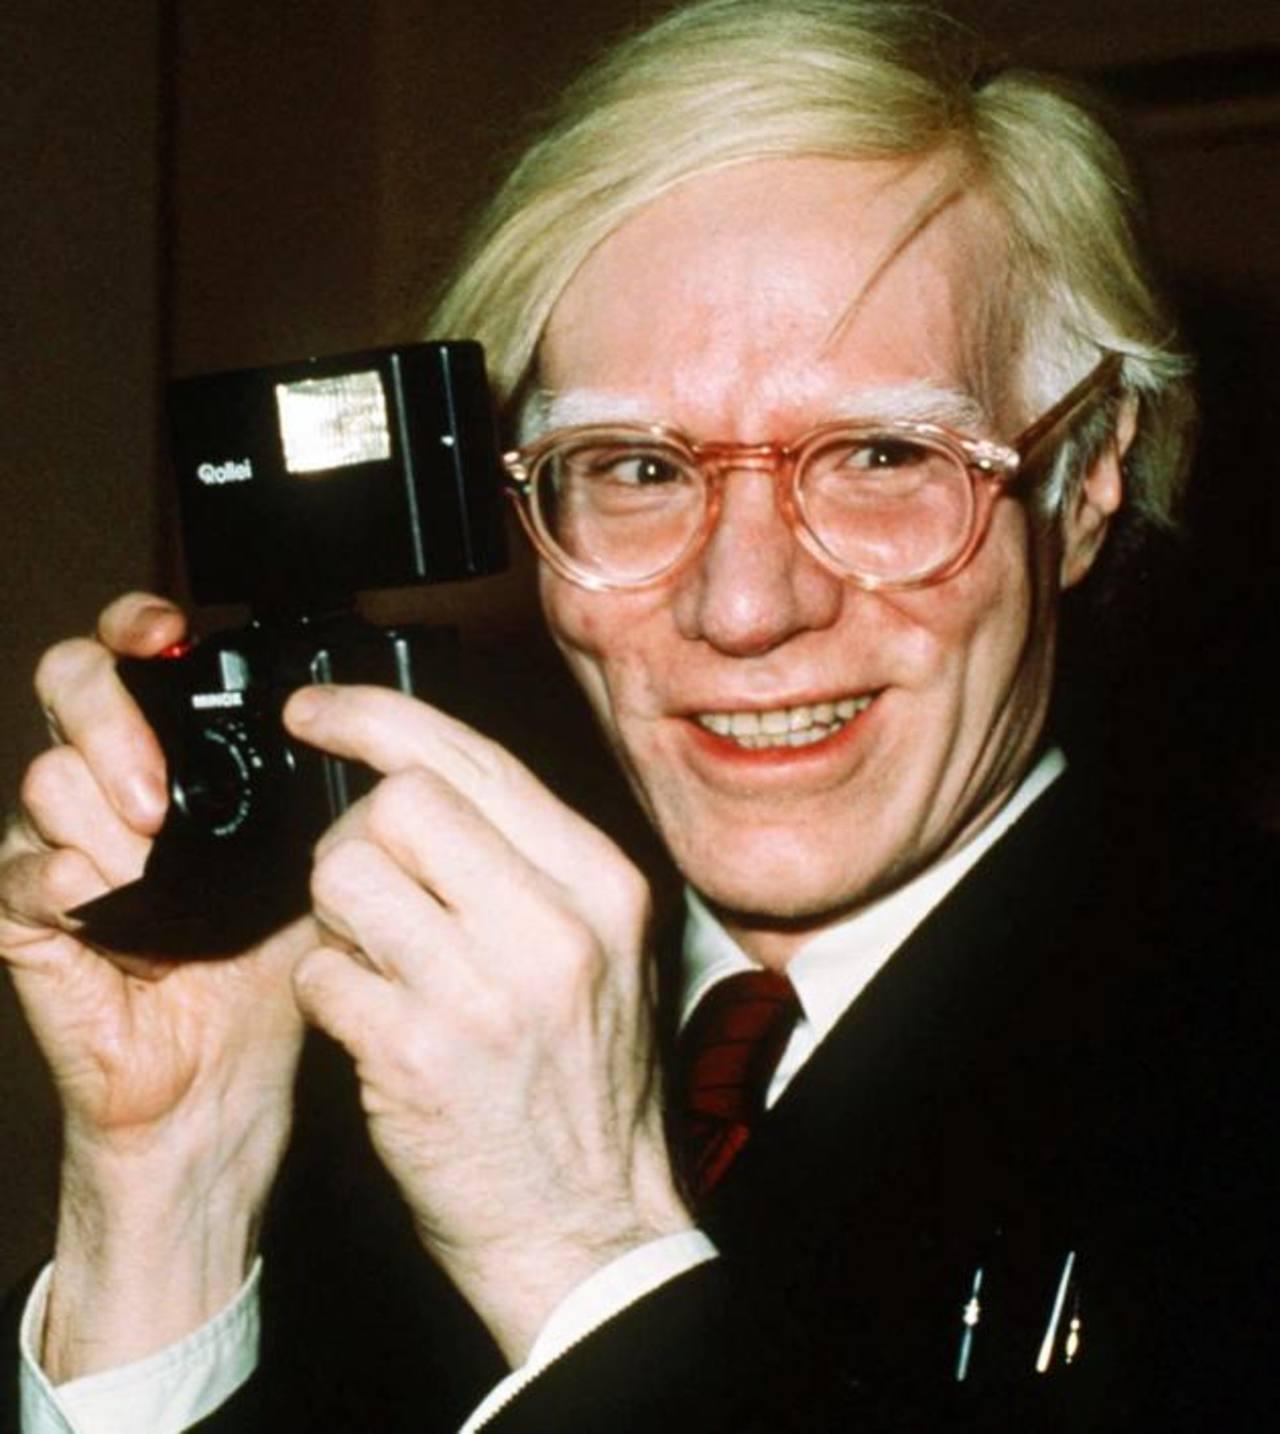 En 1963, Andy Warhol fundó The Factory, un estudio de arte situado en Midtown, Manhattan, Nueva York. Foto EDH / AP